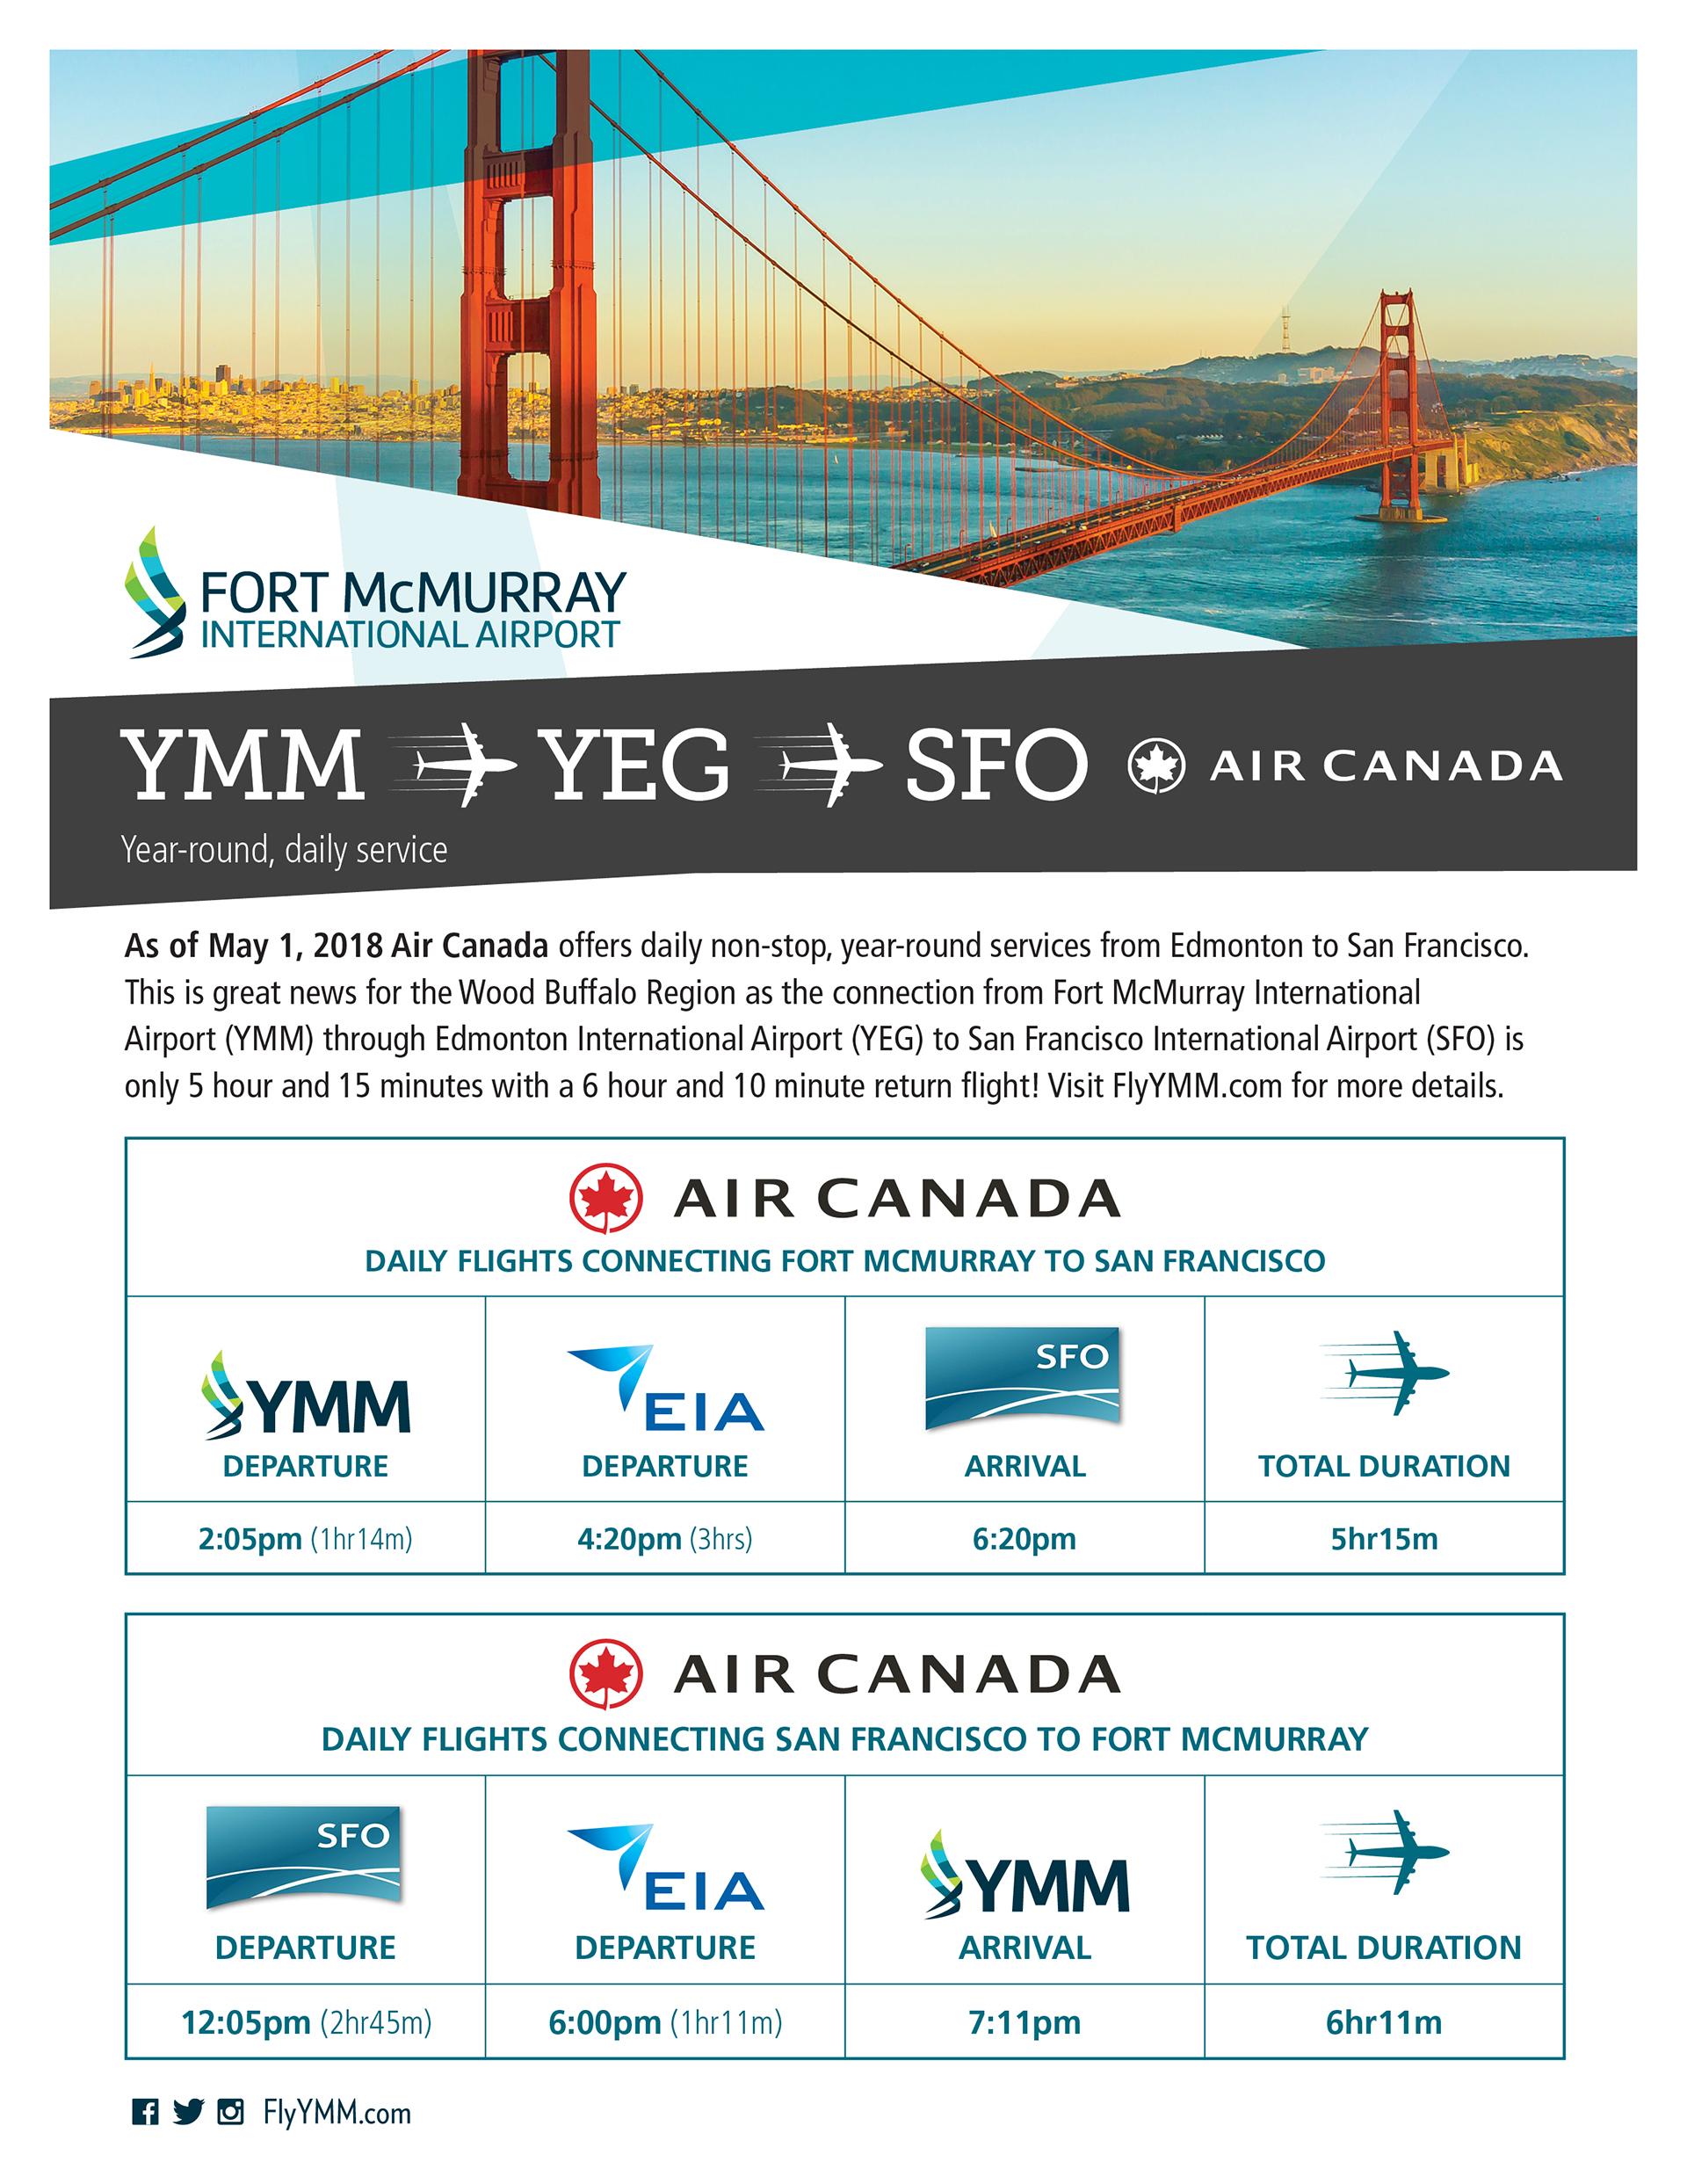 YMM-FactSheet-YMM-YEG-SFO2.jpg